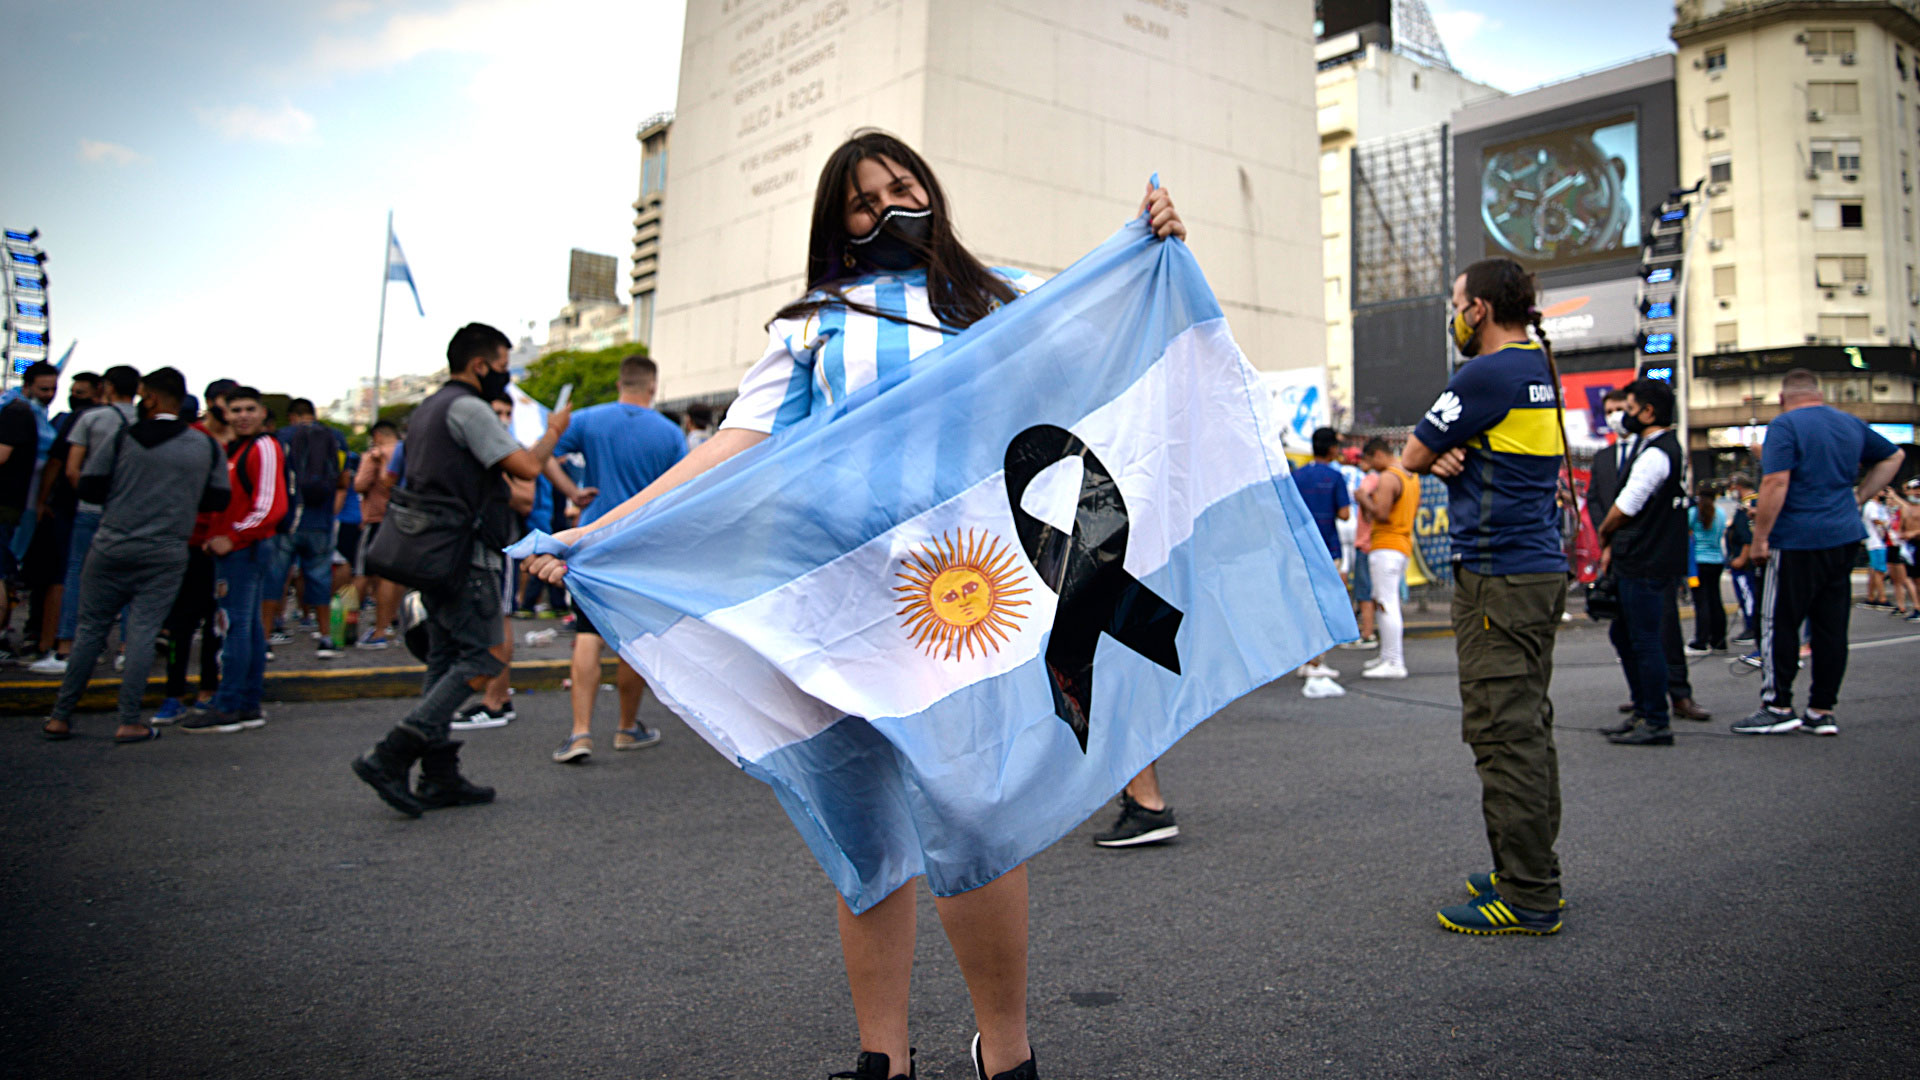 La bandera argentina y el crespón negro resumen el sentimiento de los hinchas (Gustavo Gavotti)